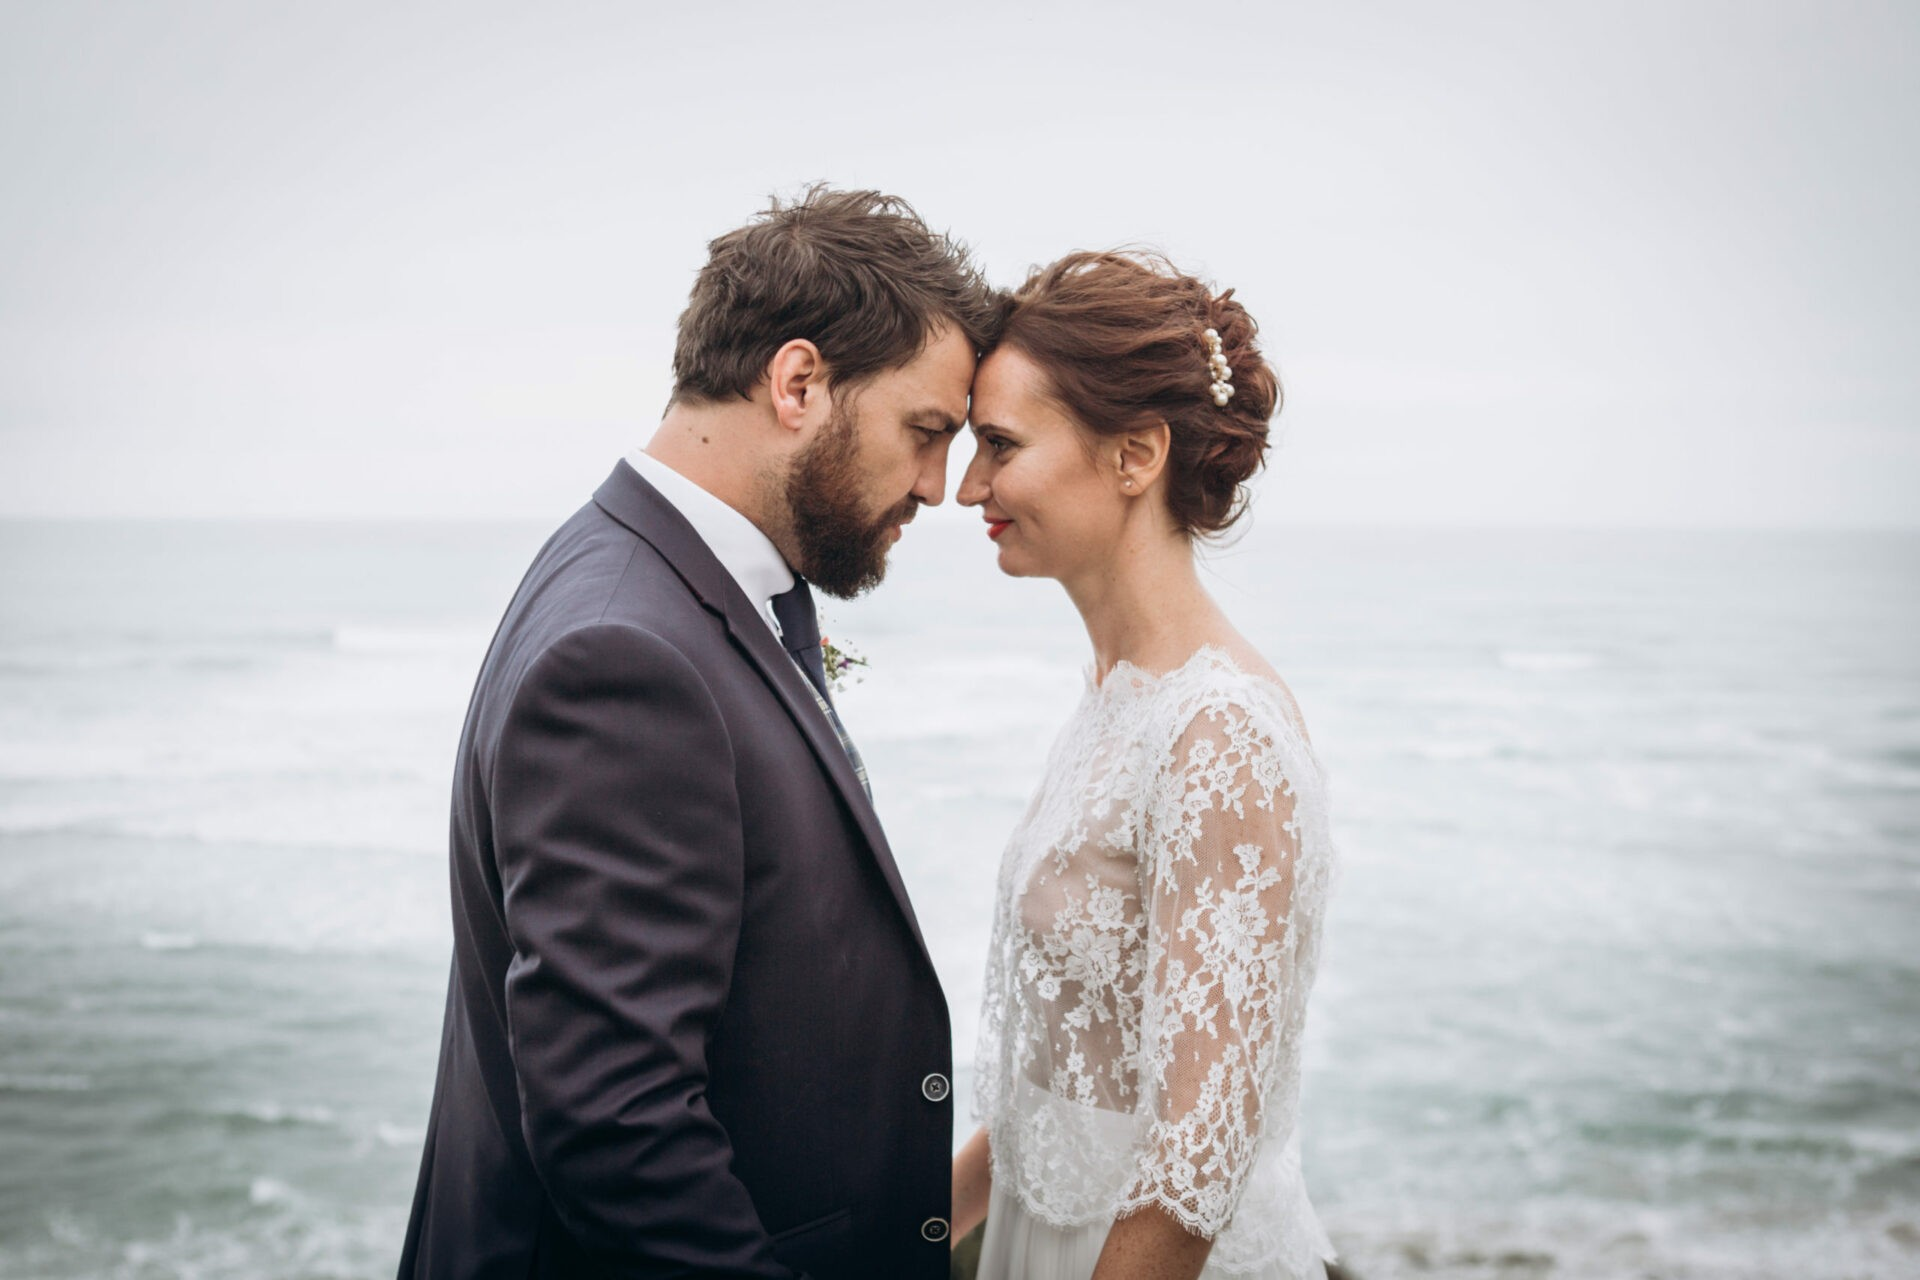 emak bakea mariage en automne